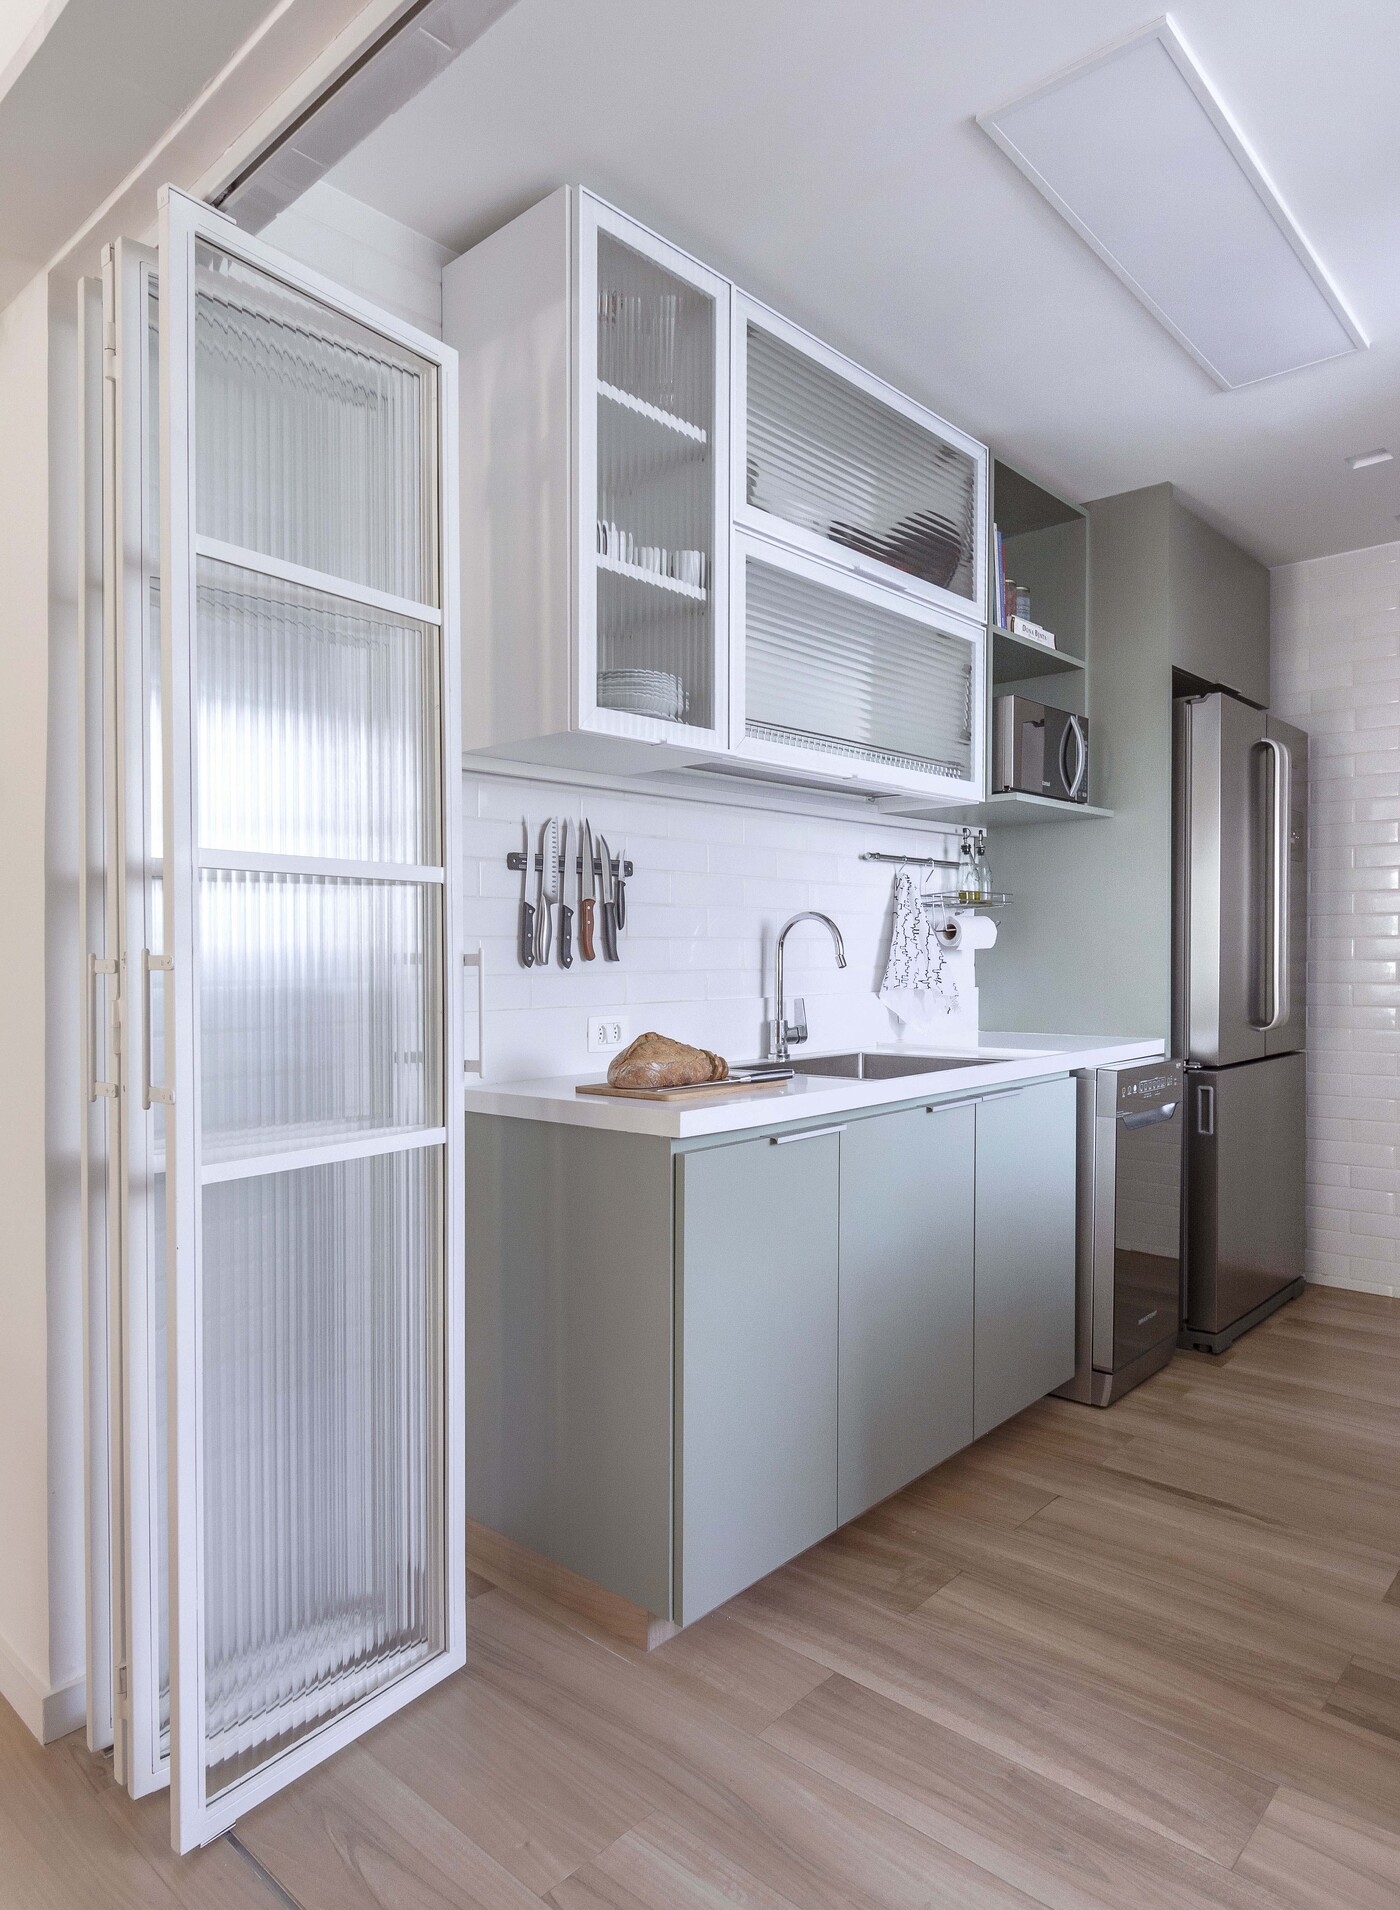 Décor do dia: cozinha com porta deslizante e decoração prática